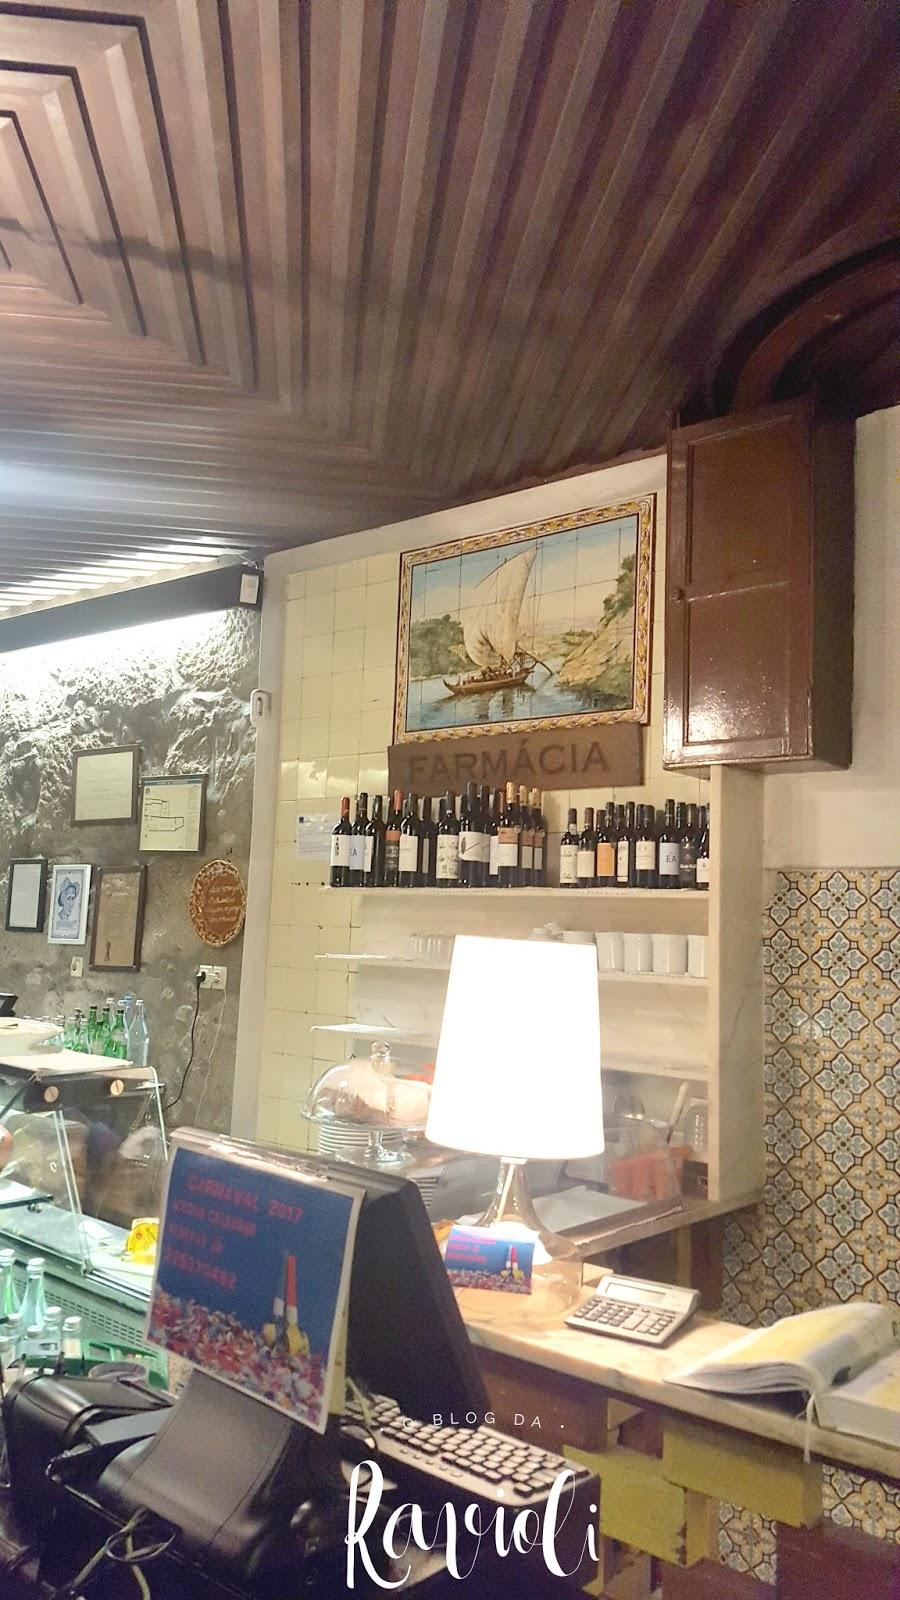 A Ravioli: Apetites # 15 - Casa Aleixo - História, Tradição e bem comer!